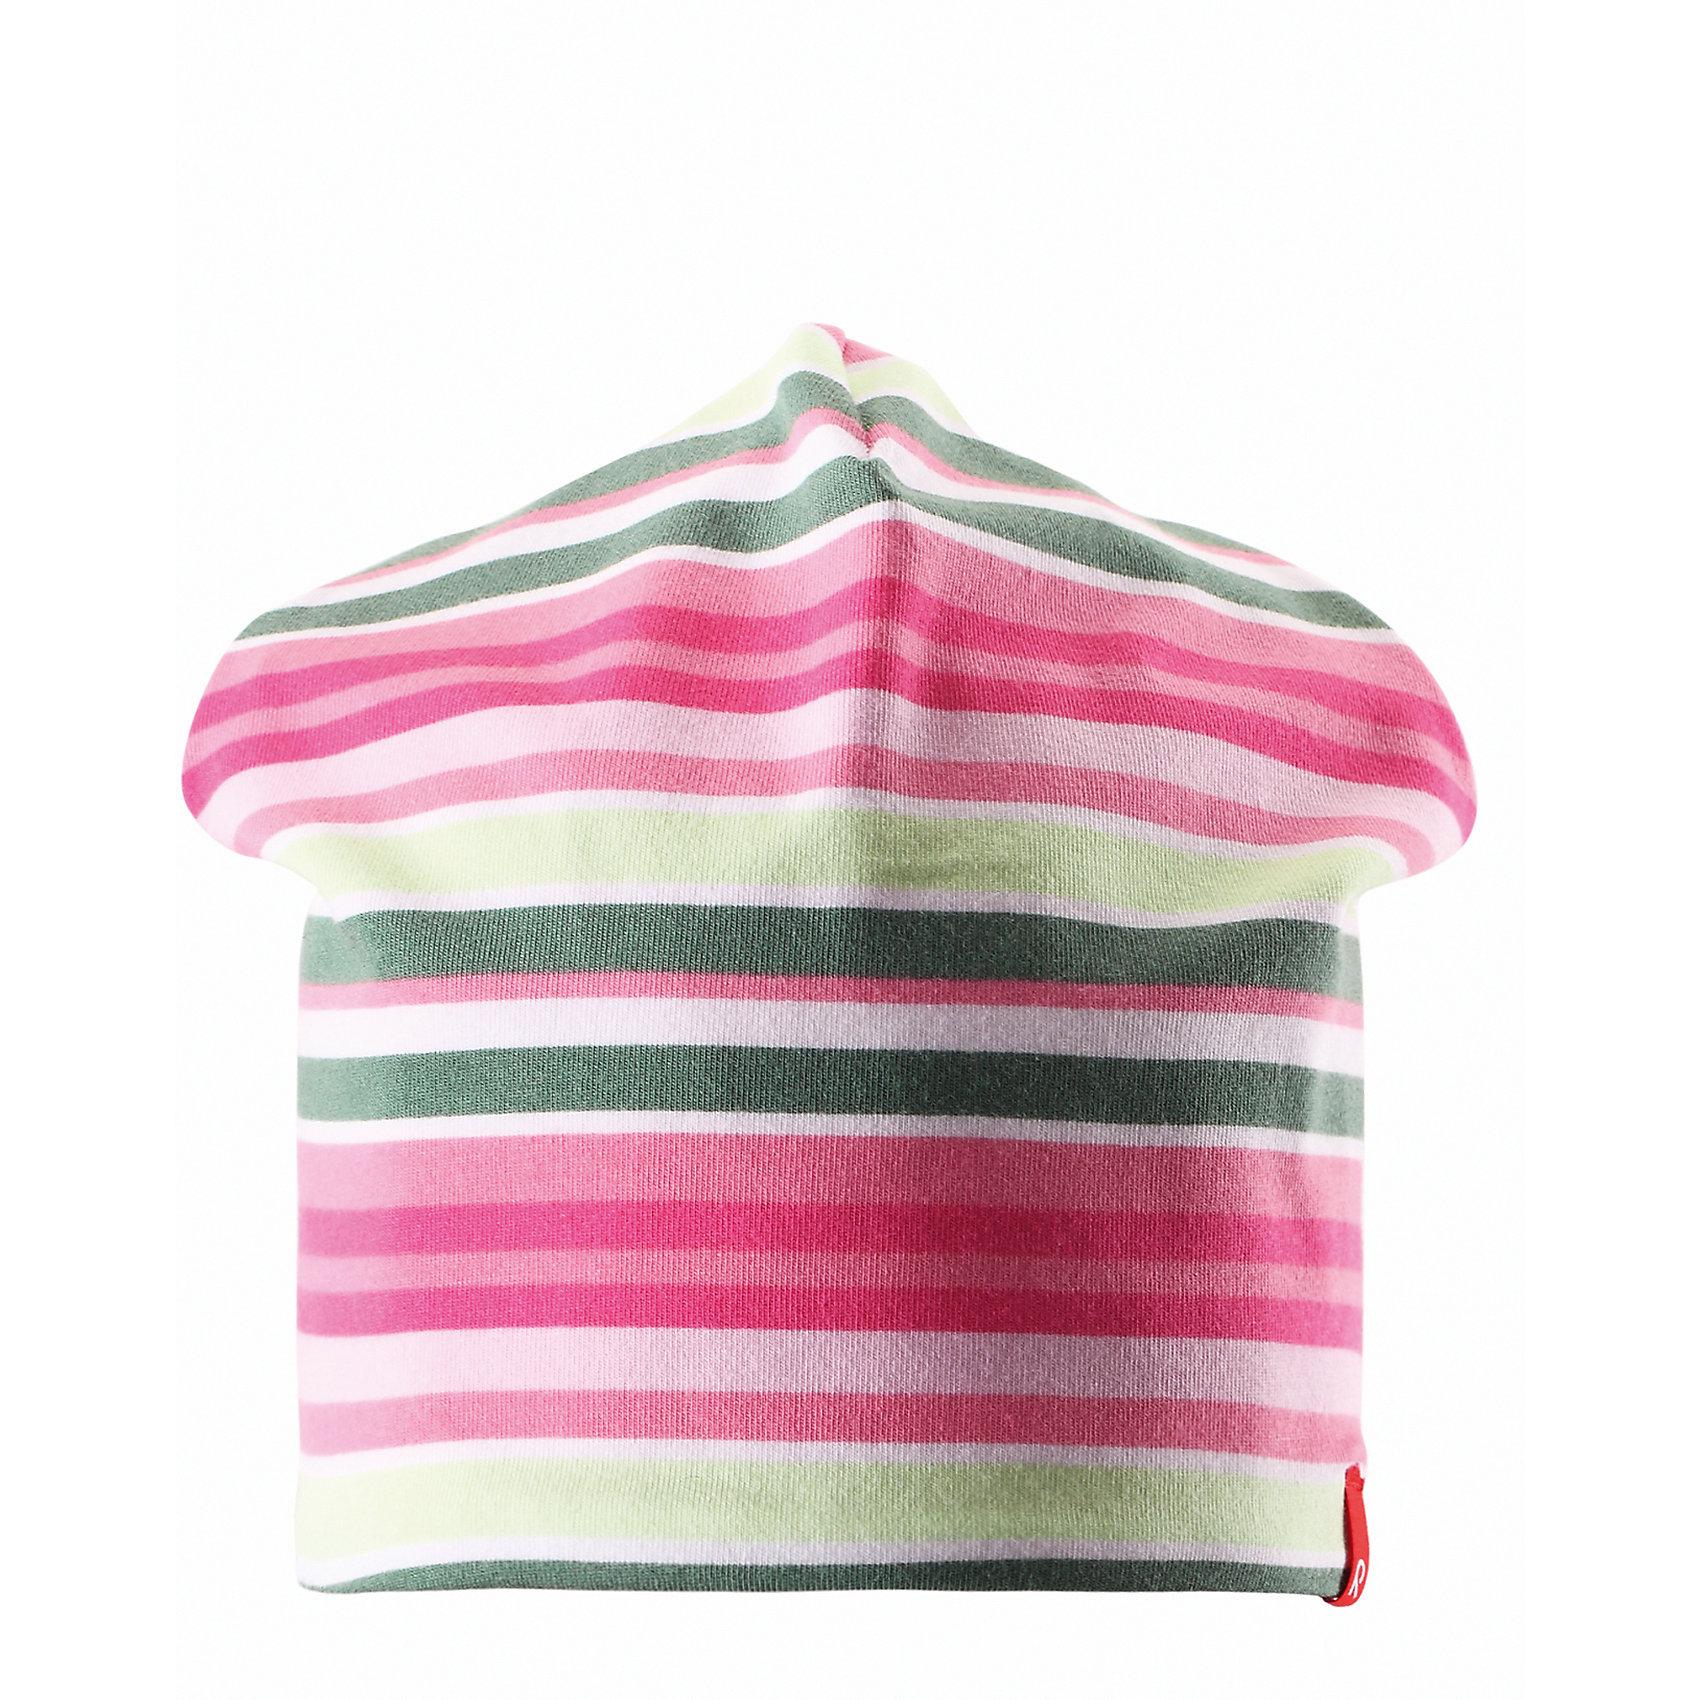 Шапка для девочки ReimaШапки и шарфы<br>Эта яркая шапочка свежей расцветки для малышей и детей постарше идеально подойдет для веселых весенних приключений! Она изготовлена из простого в уходе и быстросохнущего материла Play Jersey®, эффективно выводящего влагу с кожи во время подвижных игр на свежем воздухе. Обратите внимание, что она имеет УФ-защиту 40+. Стиля много не бывает! Озорная двухсторонняя шапочка в одно мгновение превращается из полосатой в однотонную! <br><br>Дополнительная информация:<br><br>Двухсторонняя шапка «Бини» для детей и малышей<br>Быстросохнущий материал Play Jersey, приятный на ощупь<br>Фактор защиты от ультрафиолета 40+<br>Двухсторонняя модель<br>Сплошная подкладка: отводящий влагу материал Play Jersey<br>Логотип Reima® спереди<br>Узор из цветных полос<br>Состав:<br>65% ХЛ 30% ПЭ 5% ЭЛ<br>Уход:<br>Стирать с бельем одинакового цвета, вывернув наизнанку. Полоскать без специального средства. Придать первоначальную форму вo влажном виде.<br><br>Ширина мм: 89<br>Глубина мм: 117<br>Высота мм: 44<br>Вес г: 155<br>Цвет: розовый<br>Возраст от месяцев: 9<br>Возраст до месяцев: 12<br>Пол: Женский<br>Возраст: Детский<br>Размер: 46,50,56,54,52,48<br>SKU: 4498265